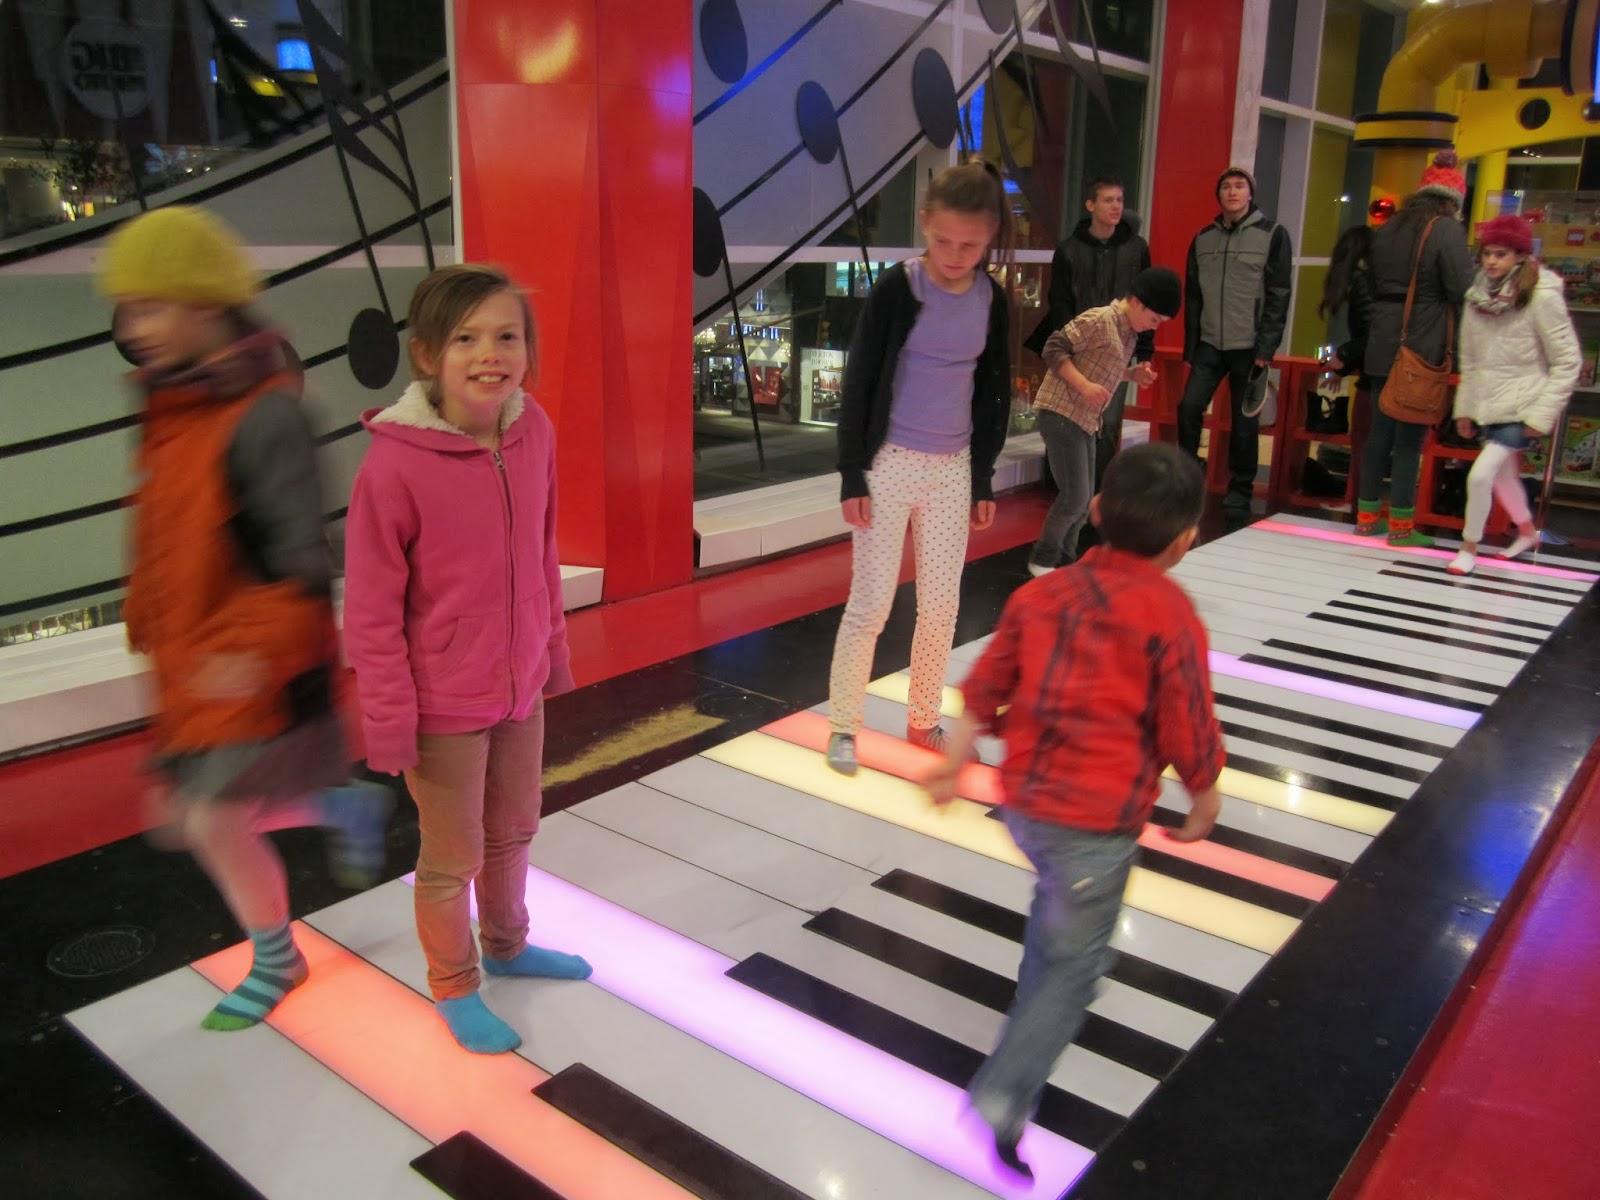 big piano, fao schwartz, kids smiling